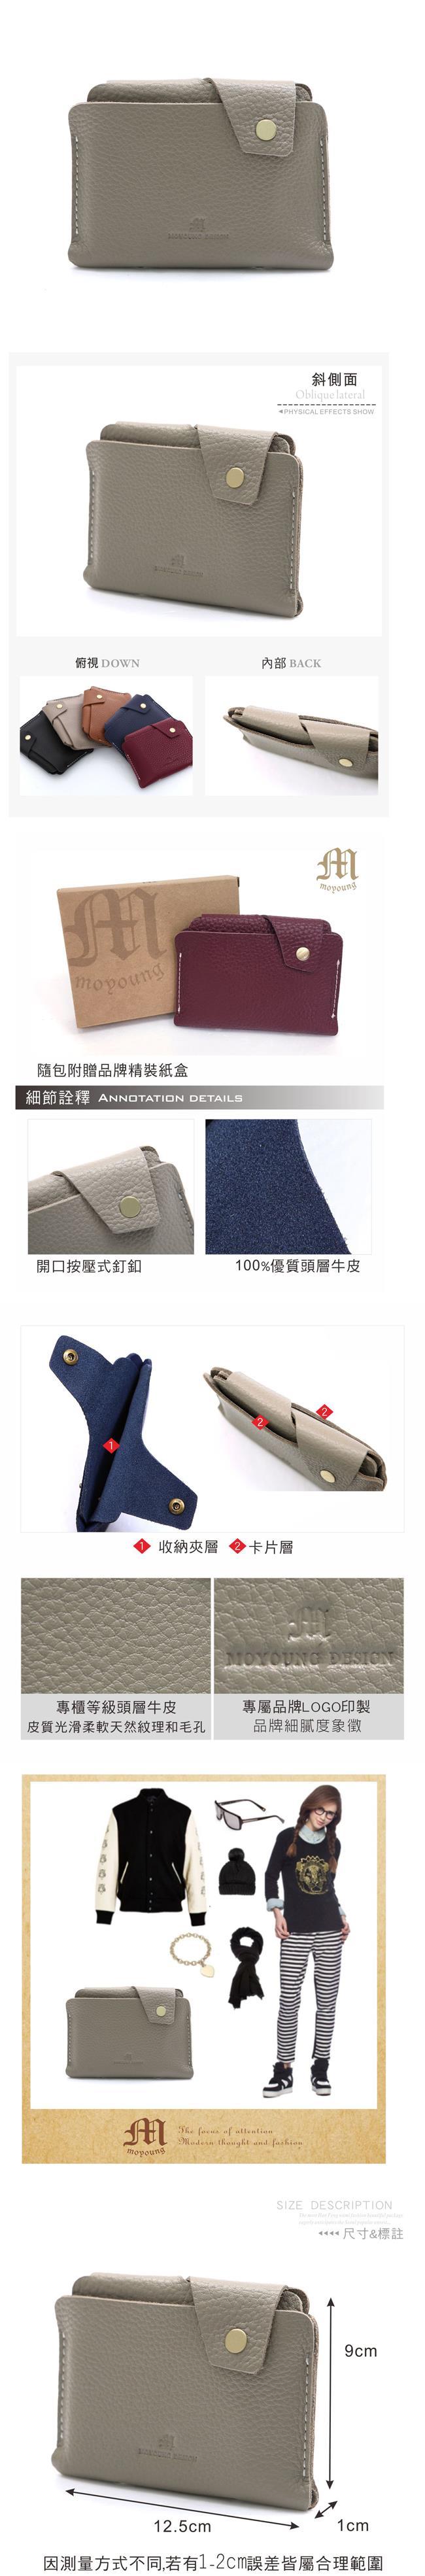 Moyoung 自然手感頂級牛皮票卡短夾 花崗灰